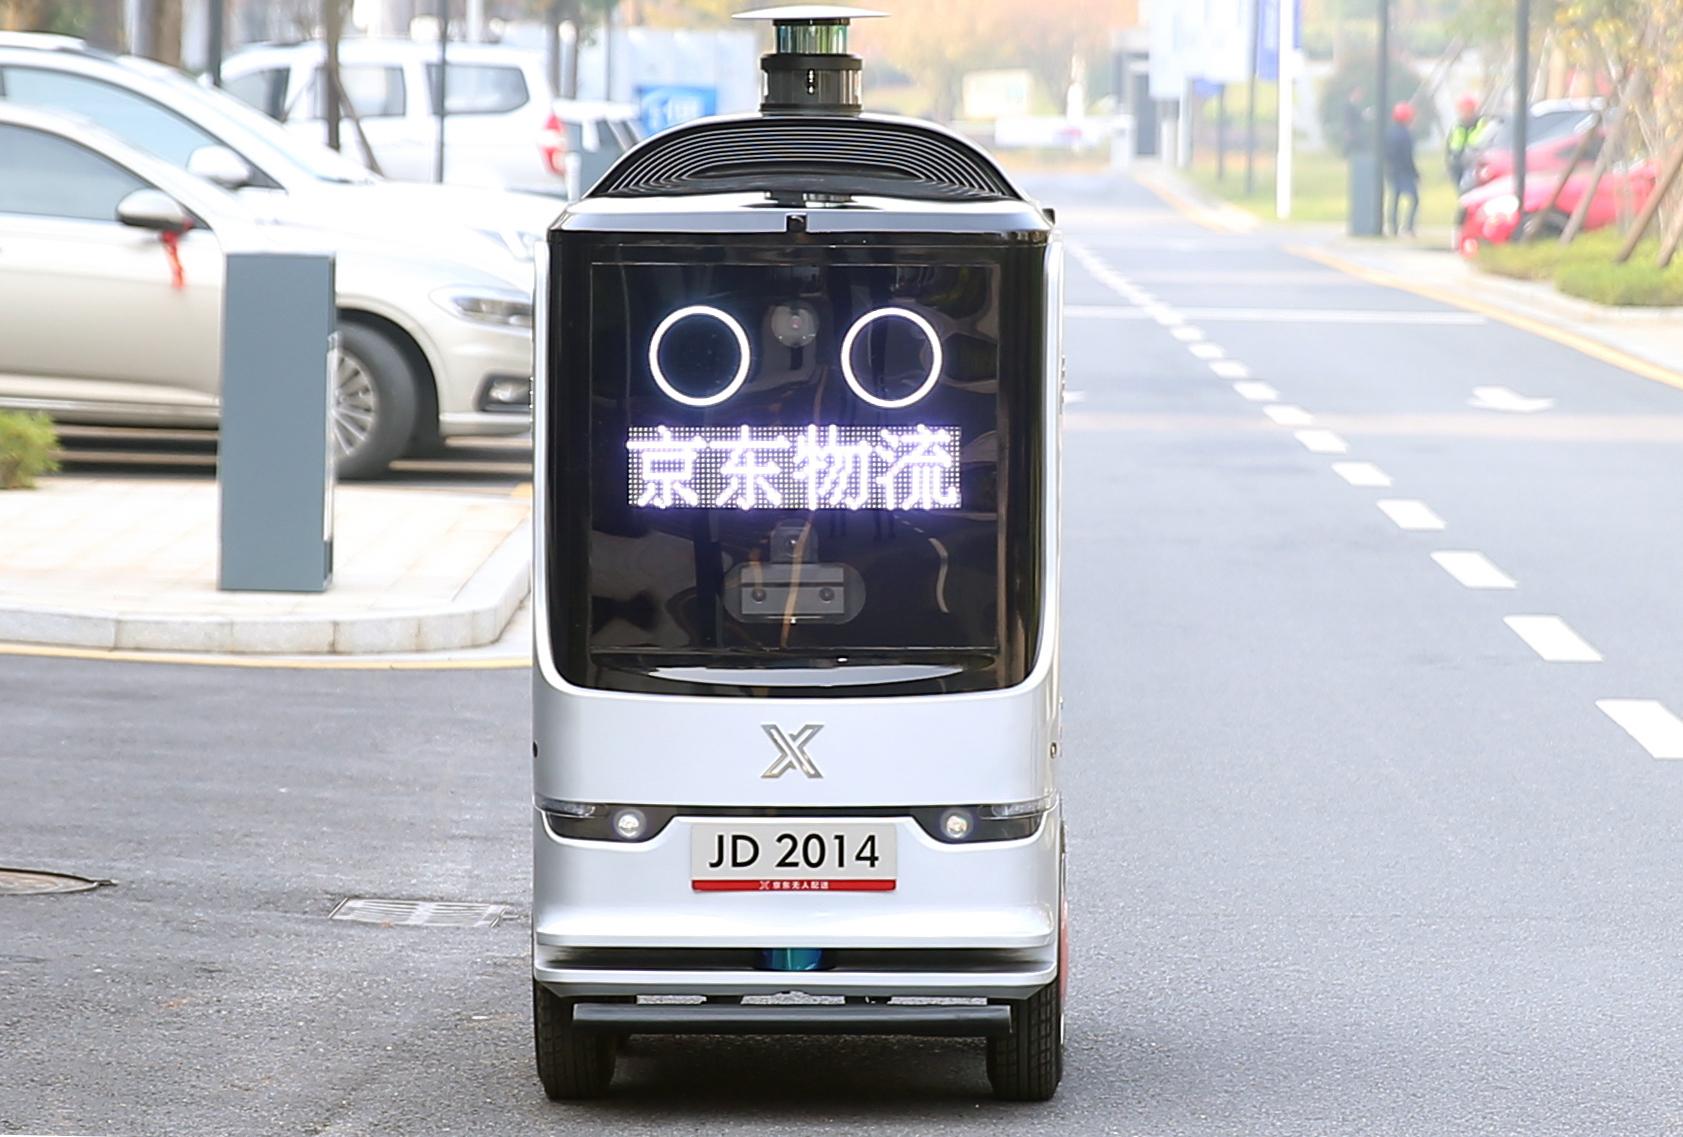 JD.com's autonomous delivery robot.